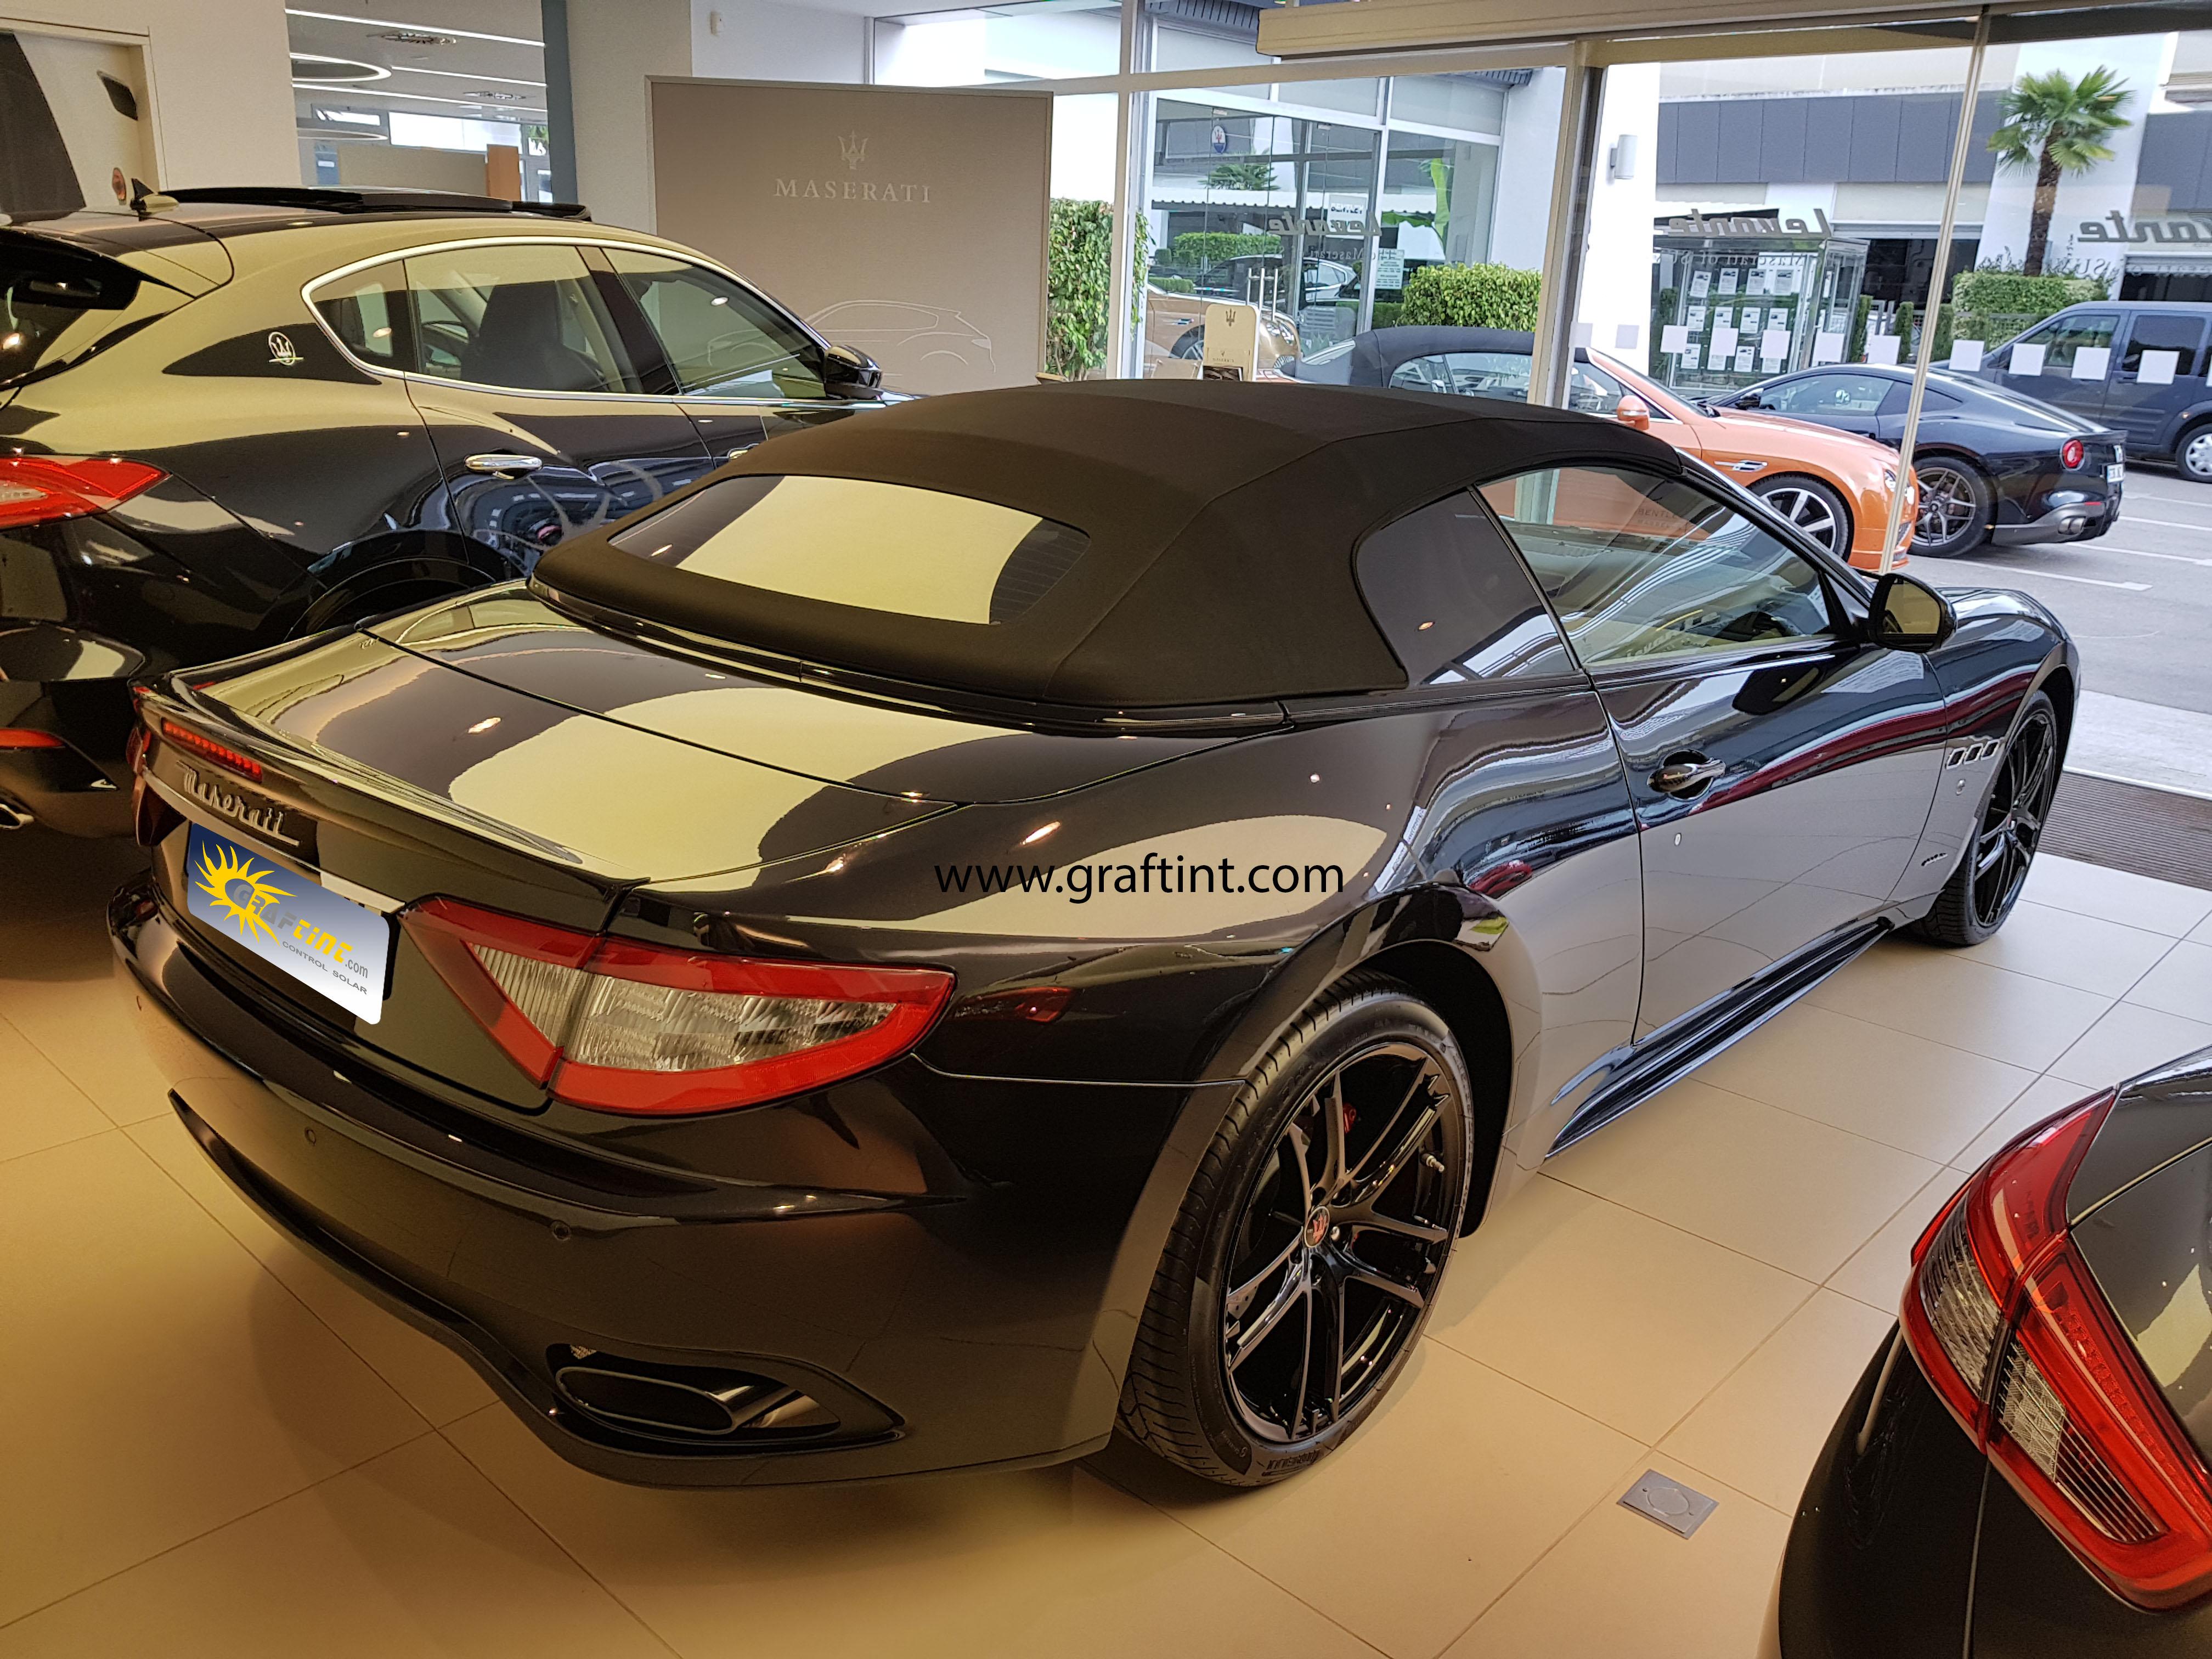 Maserati - Prosol 95% (2)